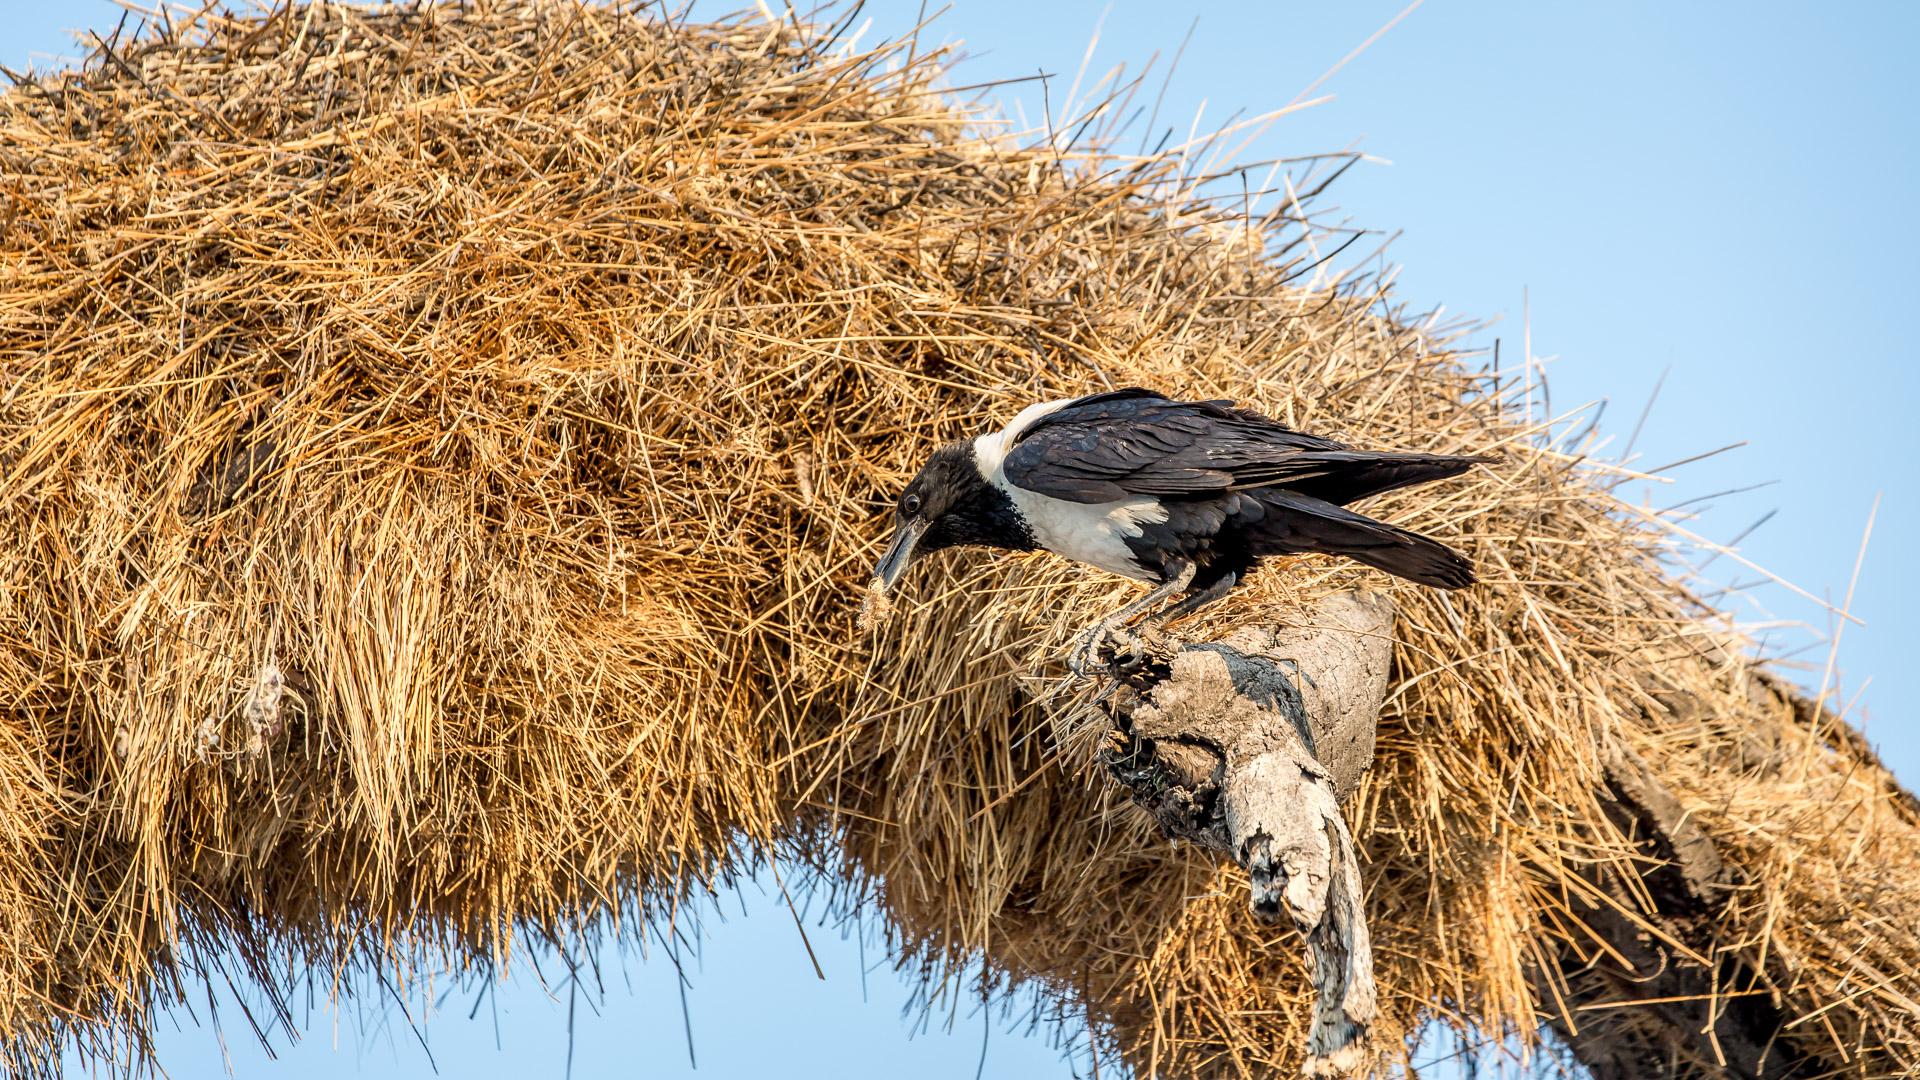 28.7. Okaukuejo Waterhole - Pied Crow (Schildrabe)